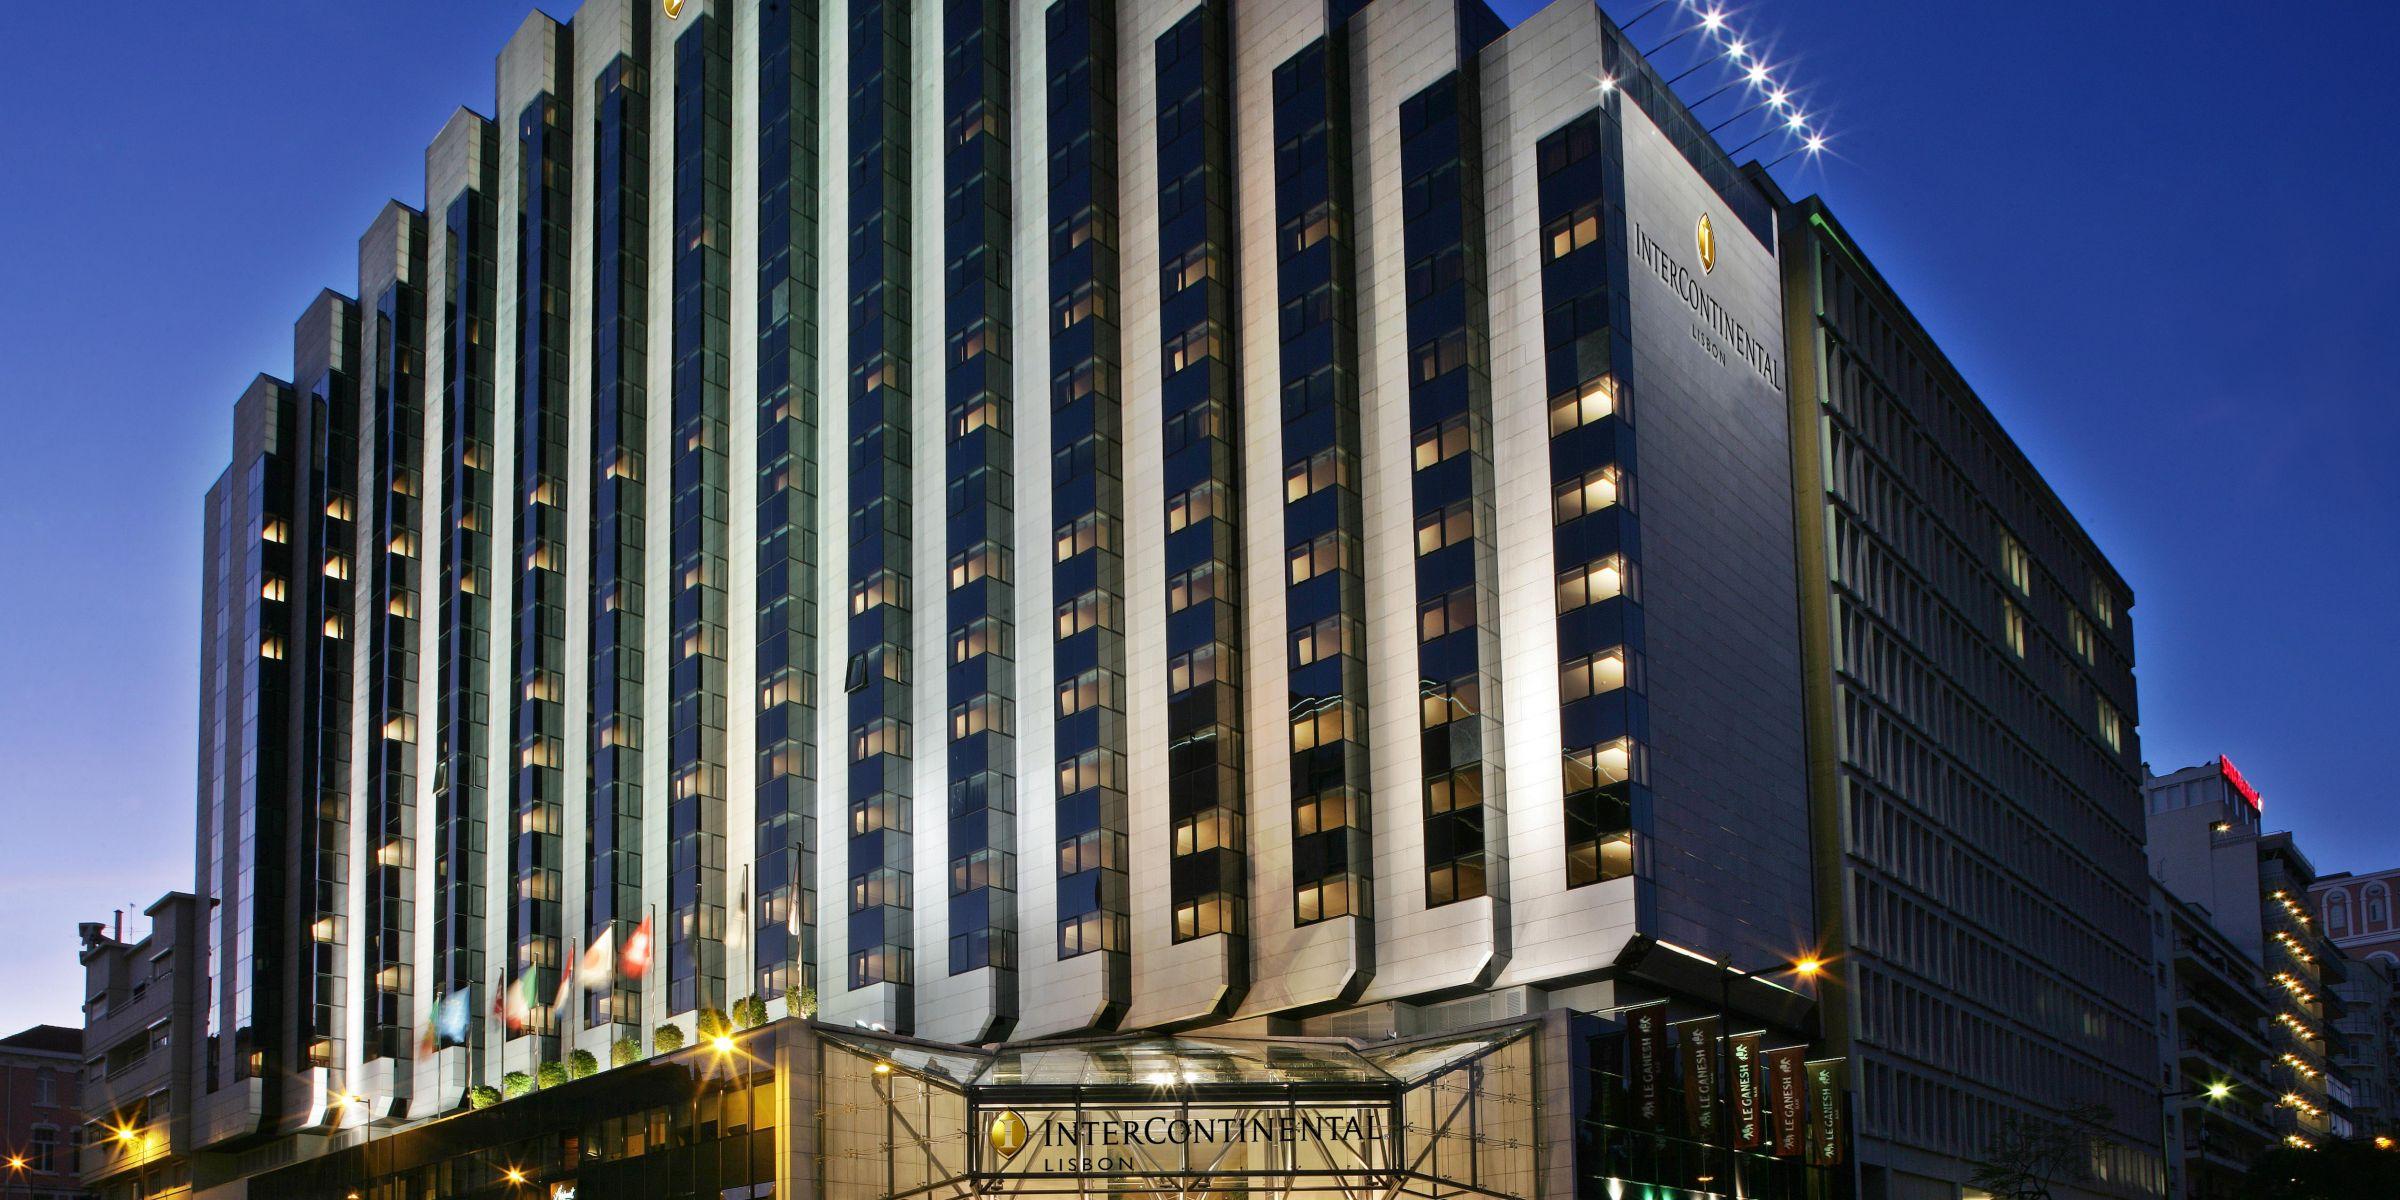 Hotel Facade Rising Above The City